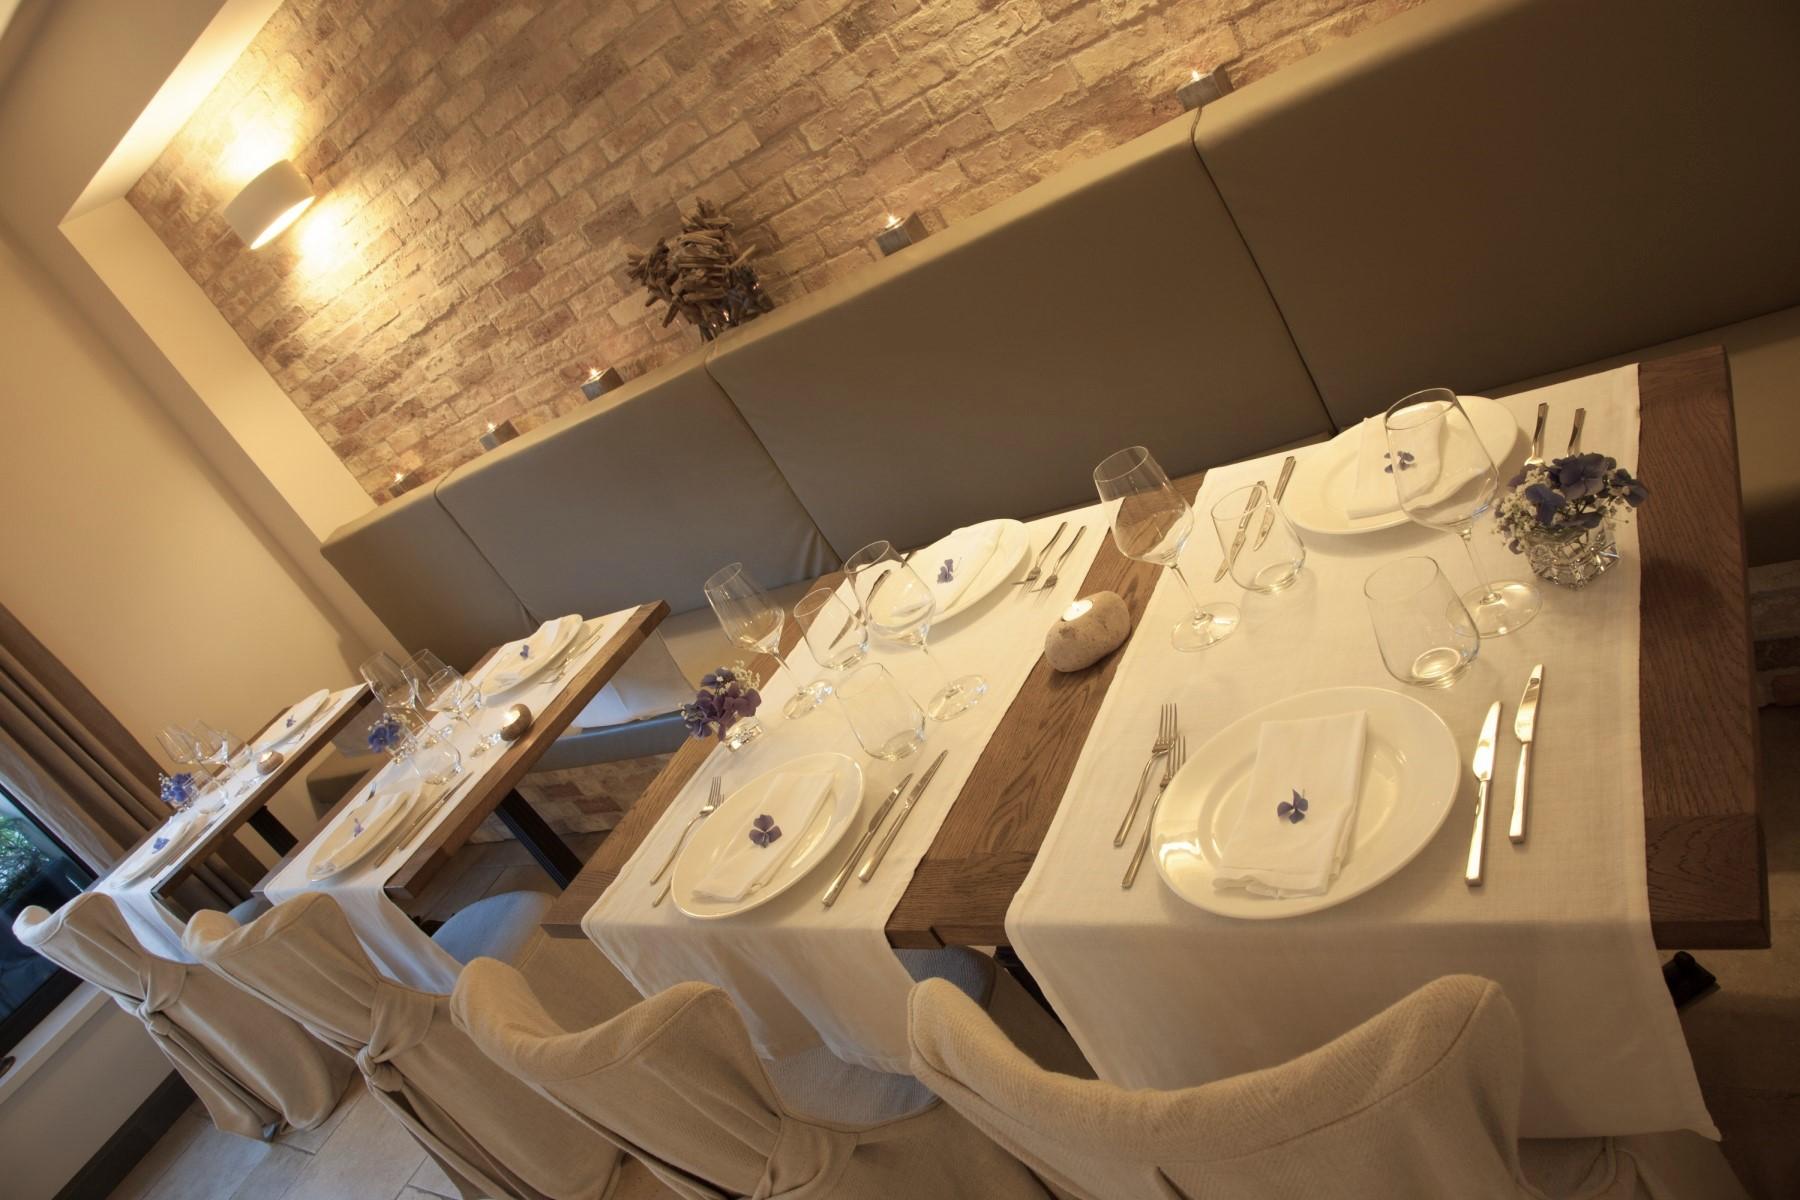 Hotel 900 Giulianova Ristorante Restaurant Colazione Breakfast